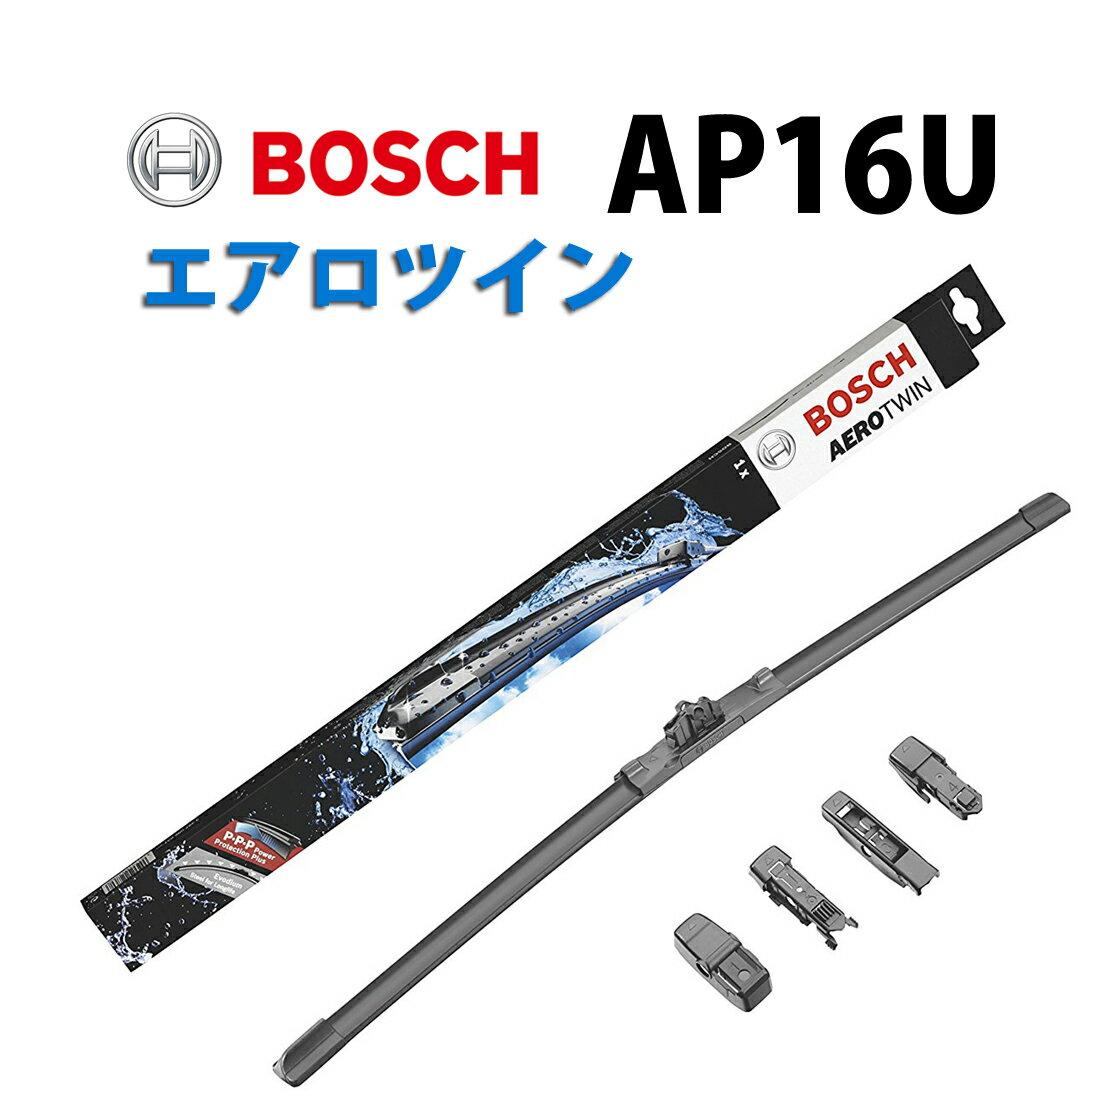 ウィンドウケア, ワイパーブレード AP16U BOSCH 400mm 3397006829 BMW X1 3 AEROTWIN